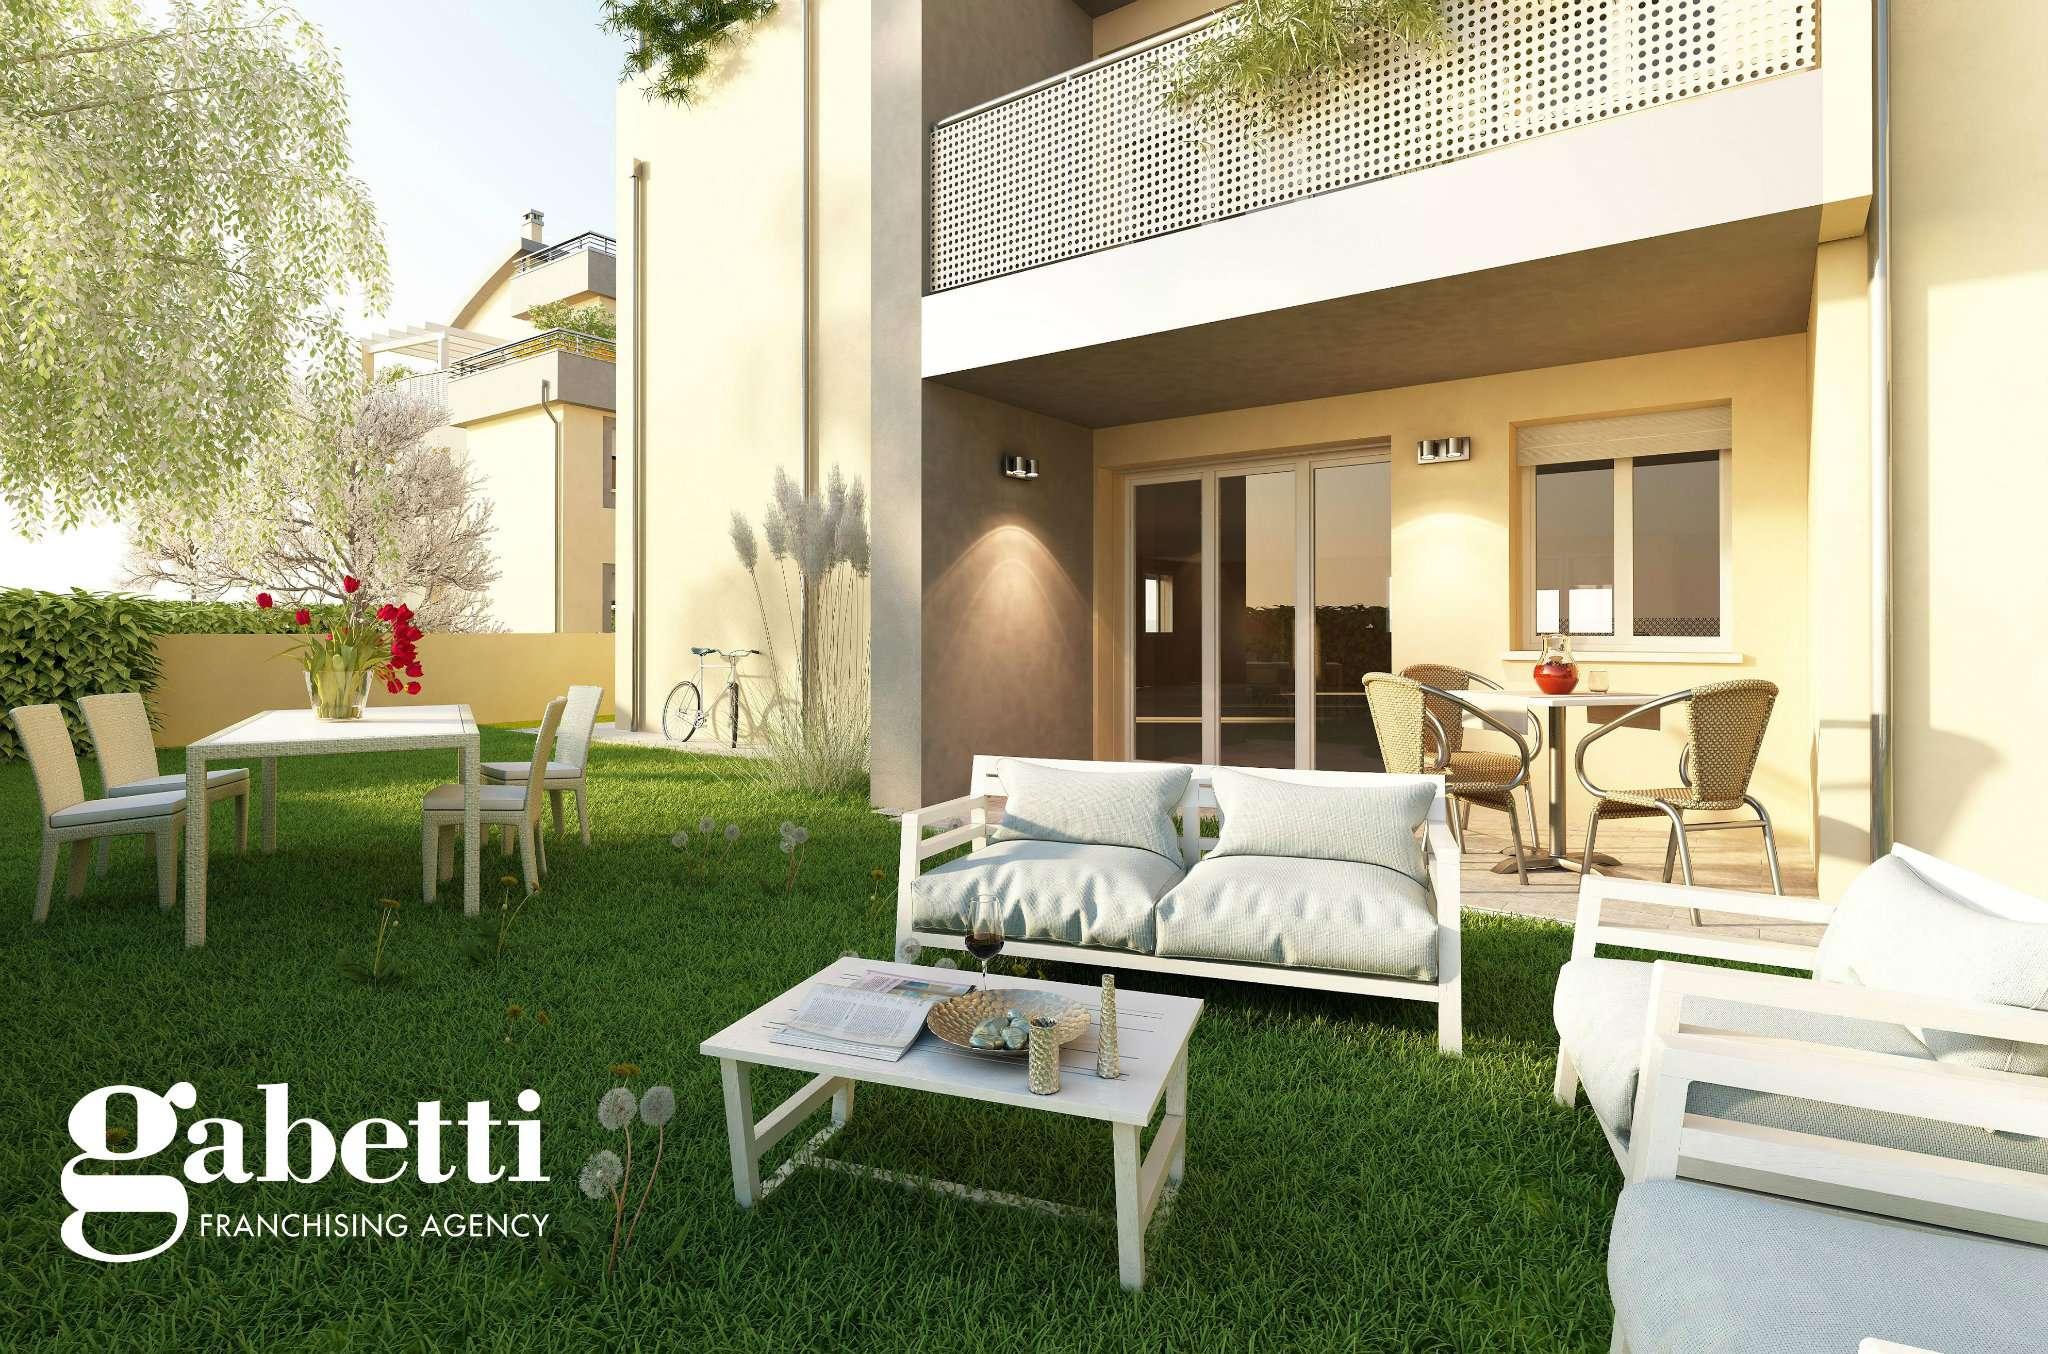 Appartamento in vendita a Castel Maggiore, 2 locali, prezzo € 242.500   CambioCasa.it